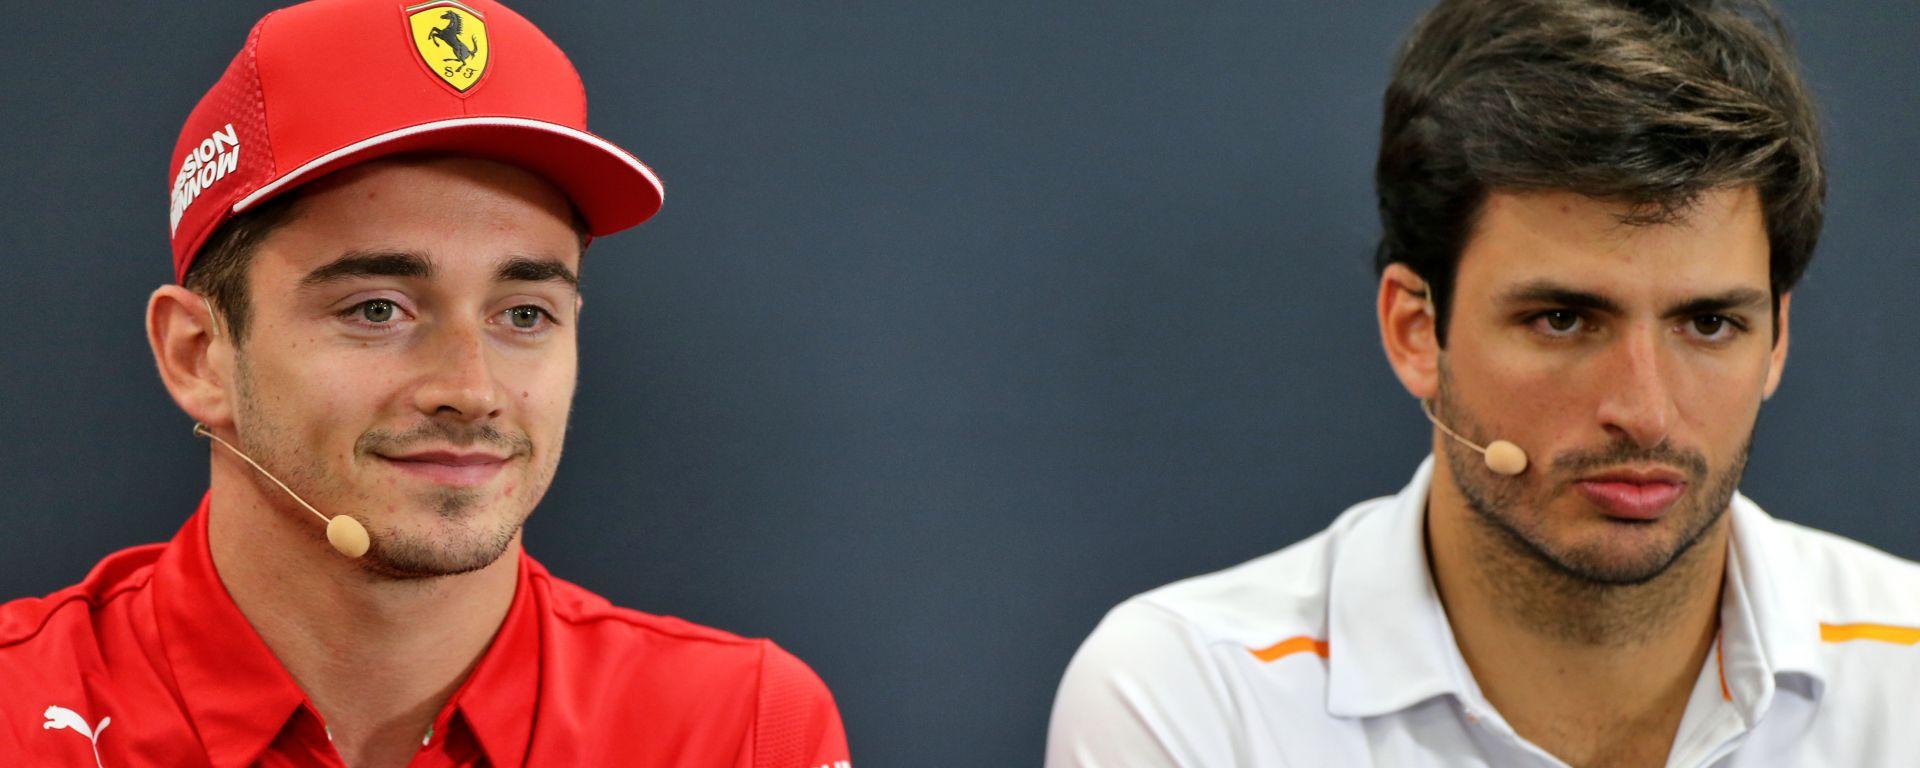 F1 2020: Charles Leclerc (Ferrari) e Carlos Sainz (McLaren)